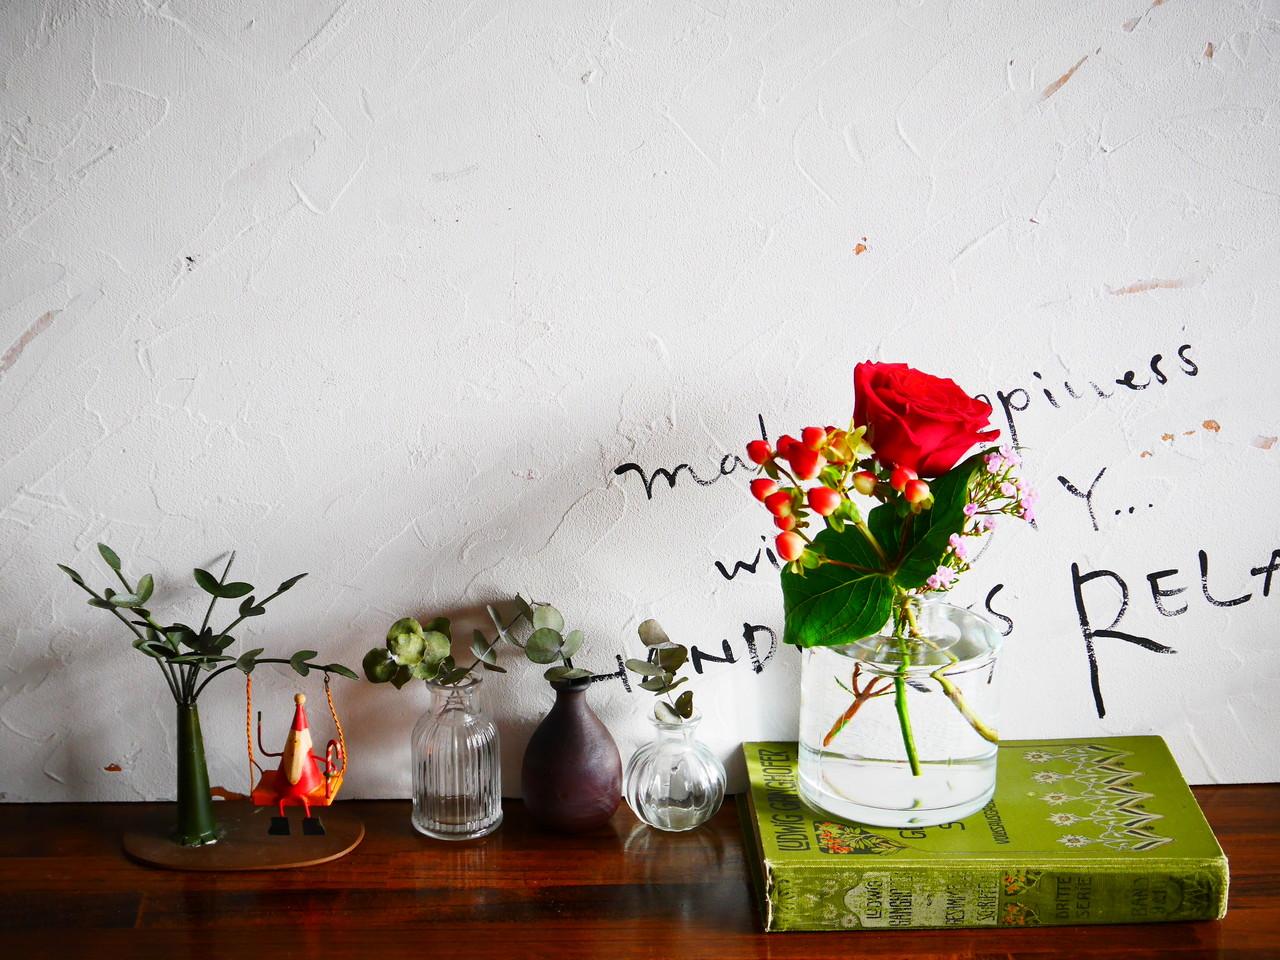 赤の花束が置かれた棚の写真